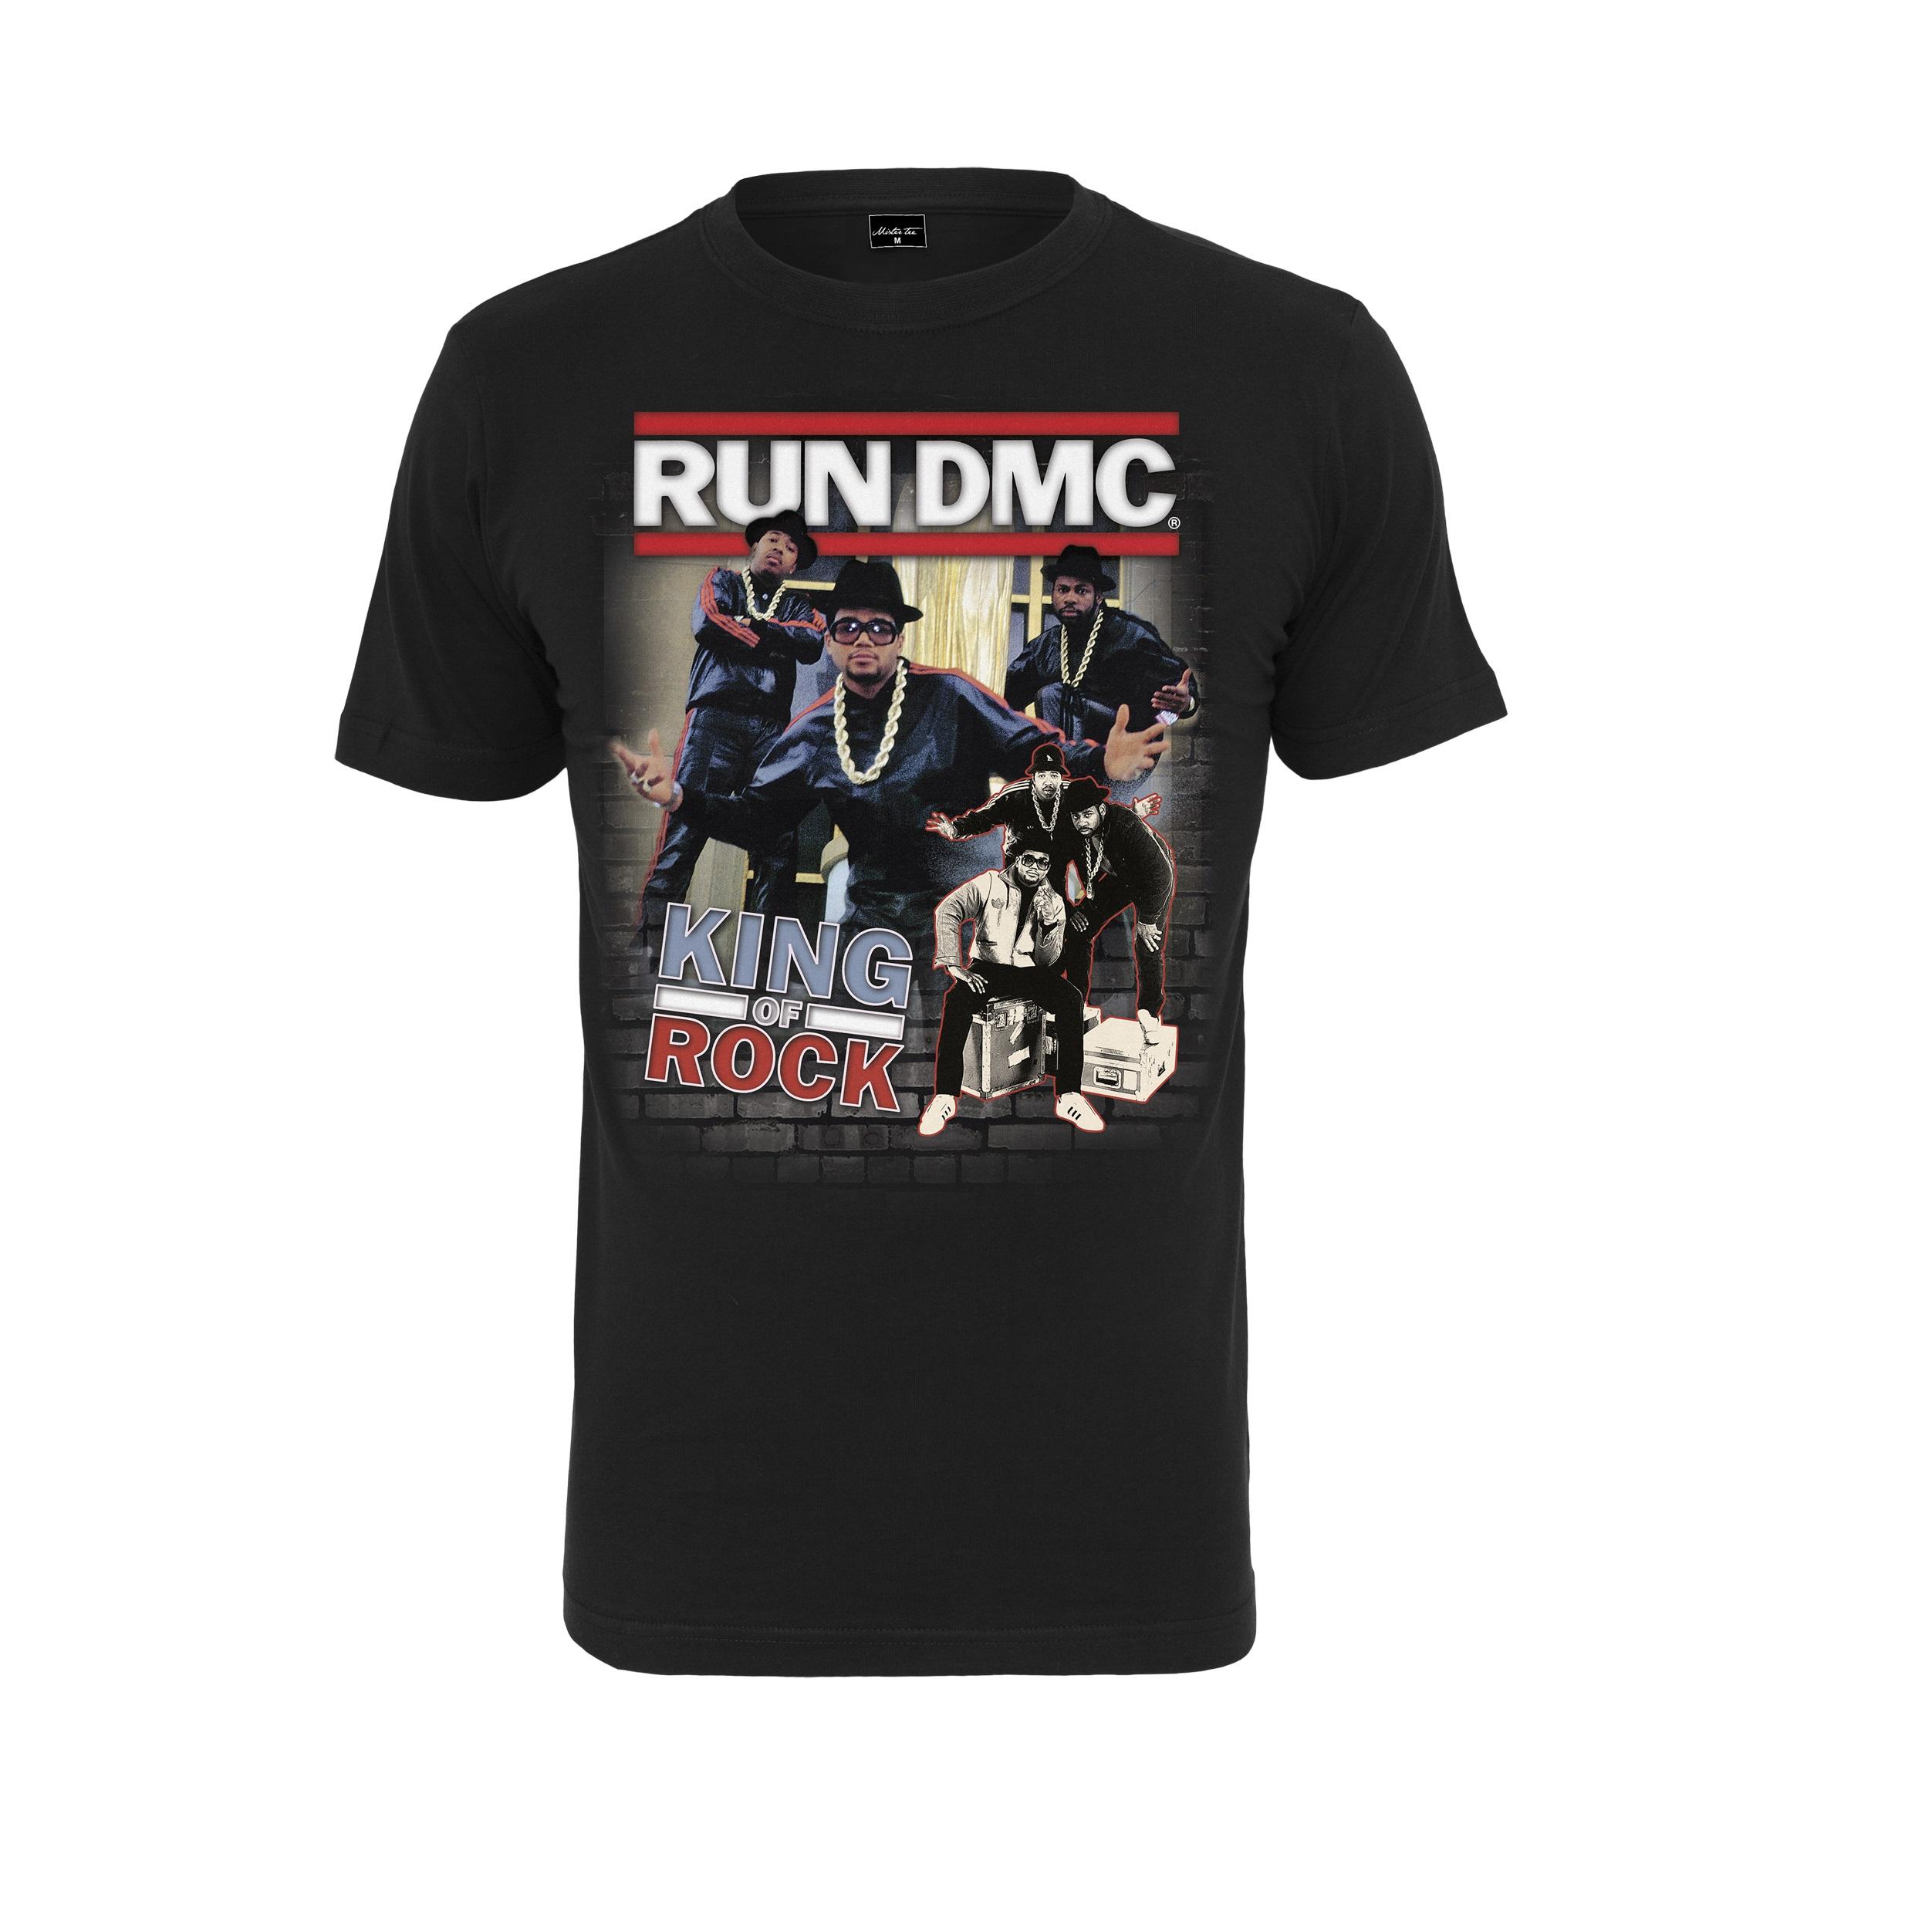 Run-DMC - Tričko King of rock tee - Muž, Čierna, S